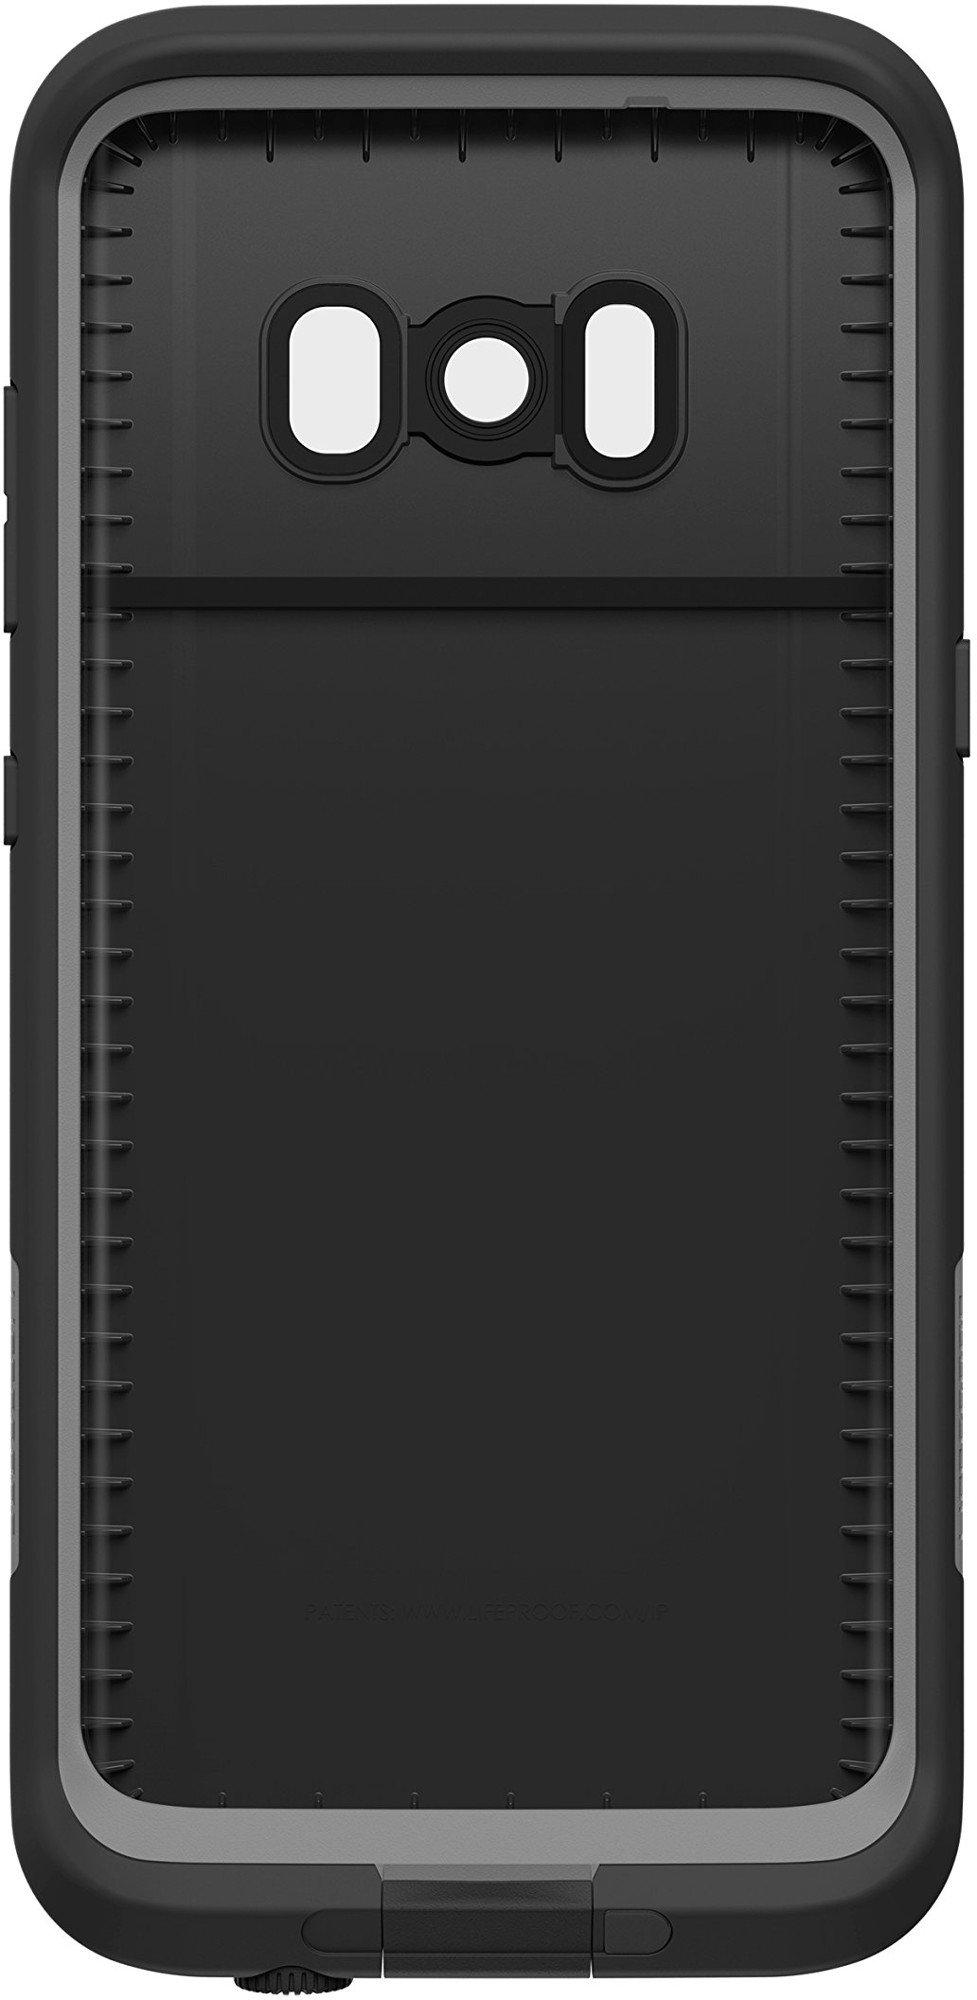 Lifeproof FRĒ SERIES Waterproof Case for Samsung Galaxy S8 (ONLY) - Retail Packaging - ASPHALT (BLACK/DARK GREY) by LifeProof (Image #2)